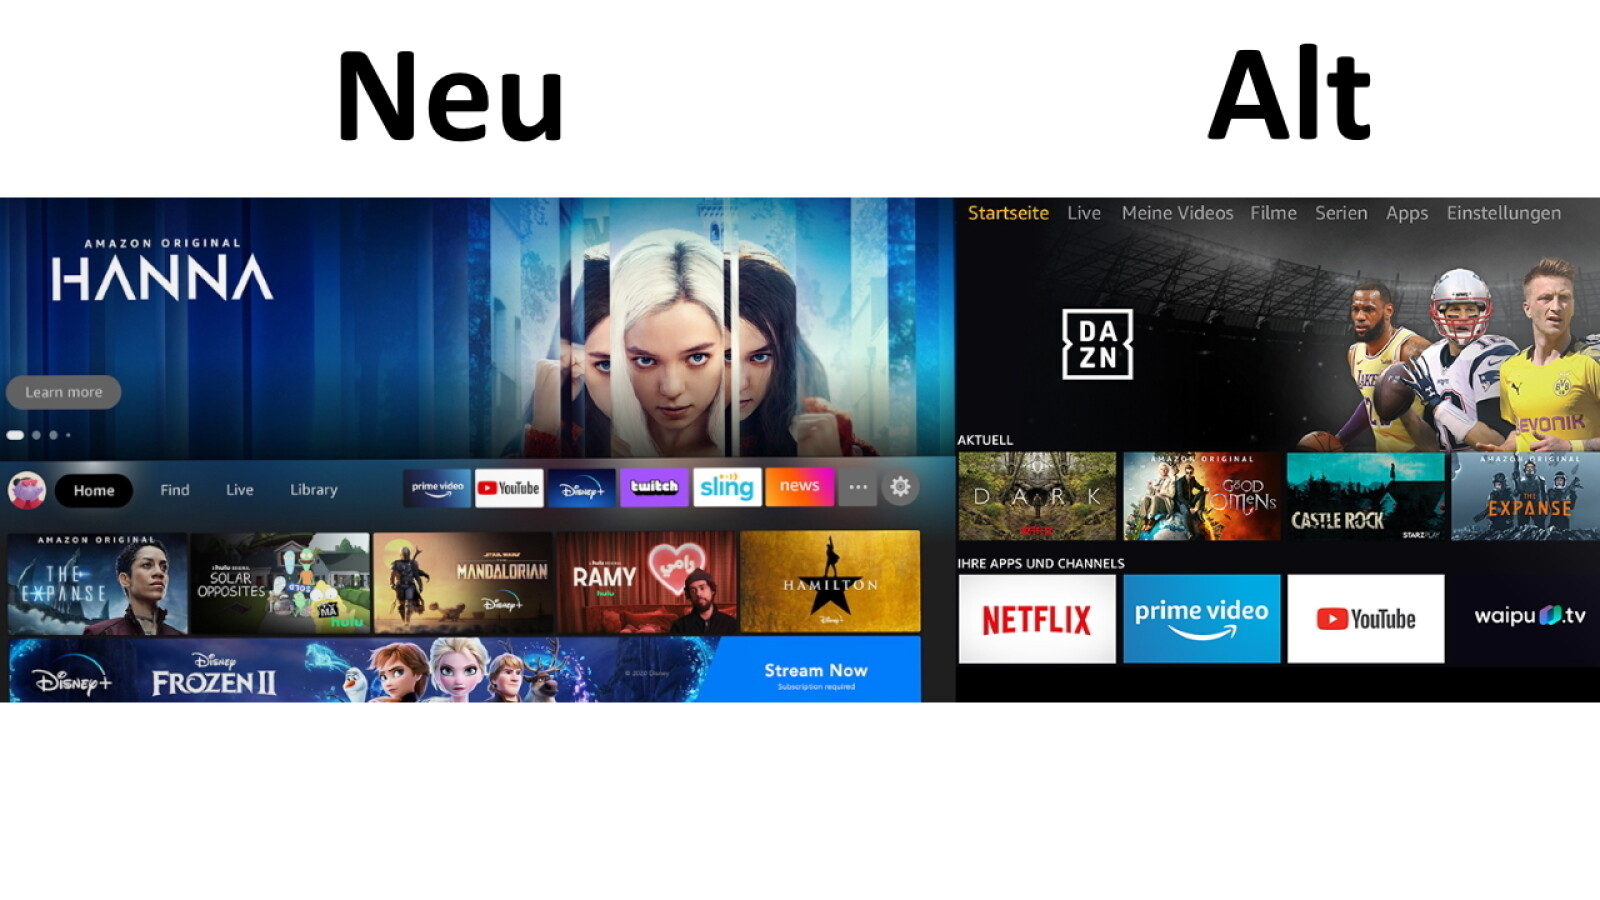 Neue Fire TV Stick Oberfläche: Das hat Amazon geändert - NETZWELT